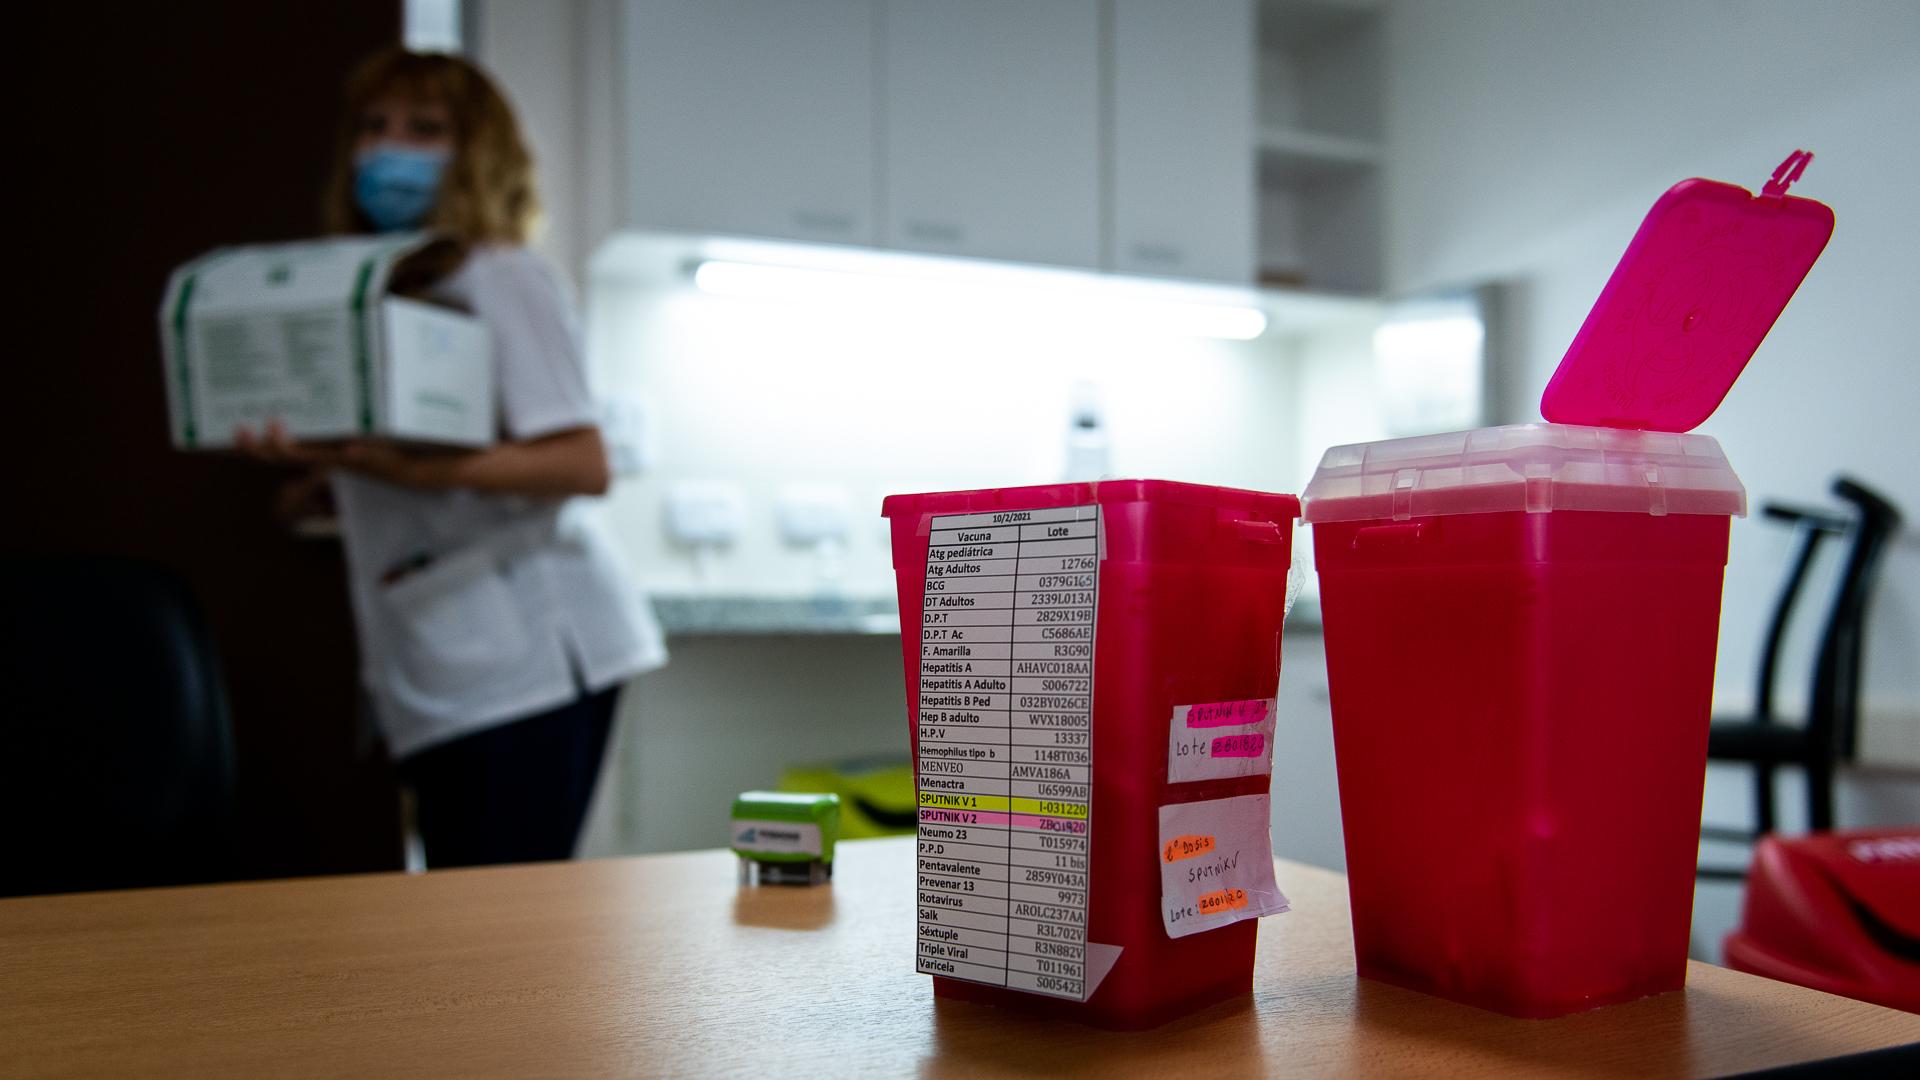 Muchos de los beneficiados ya recibieron las dos dosis lo cual explica que la vacunación VIP comenzó hace al menos un mes